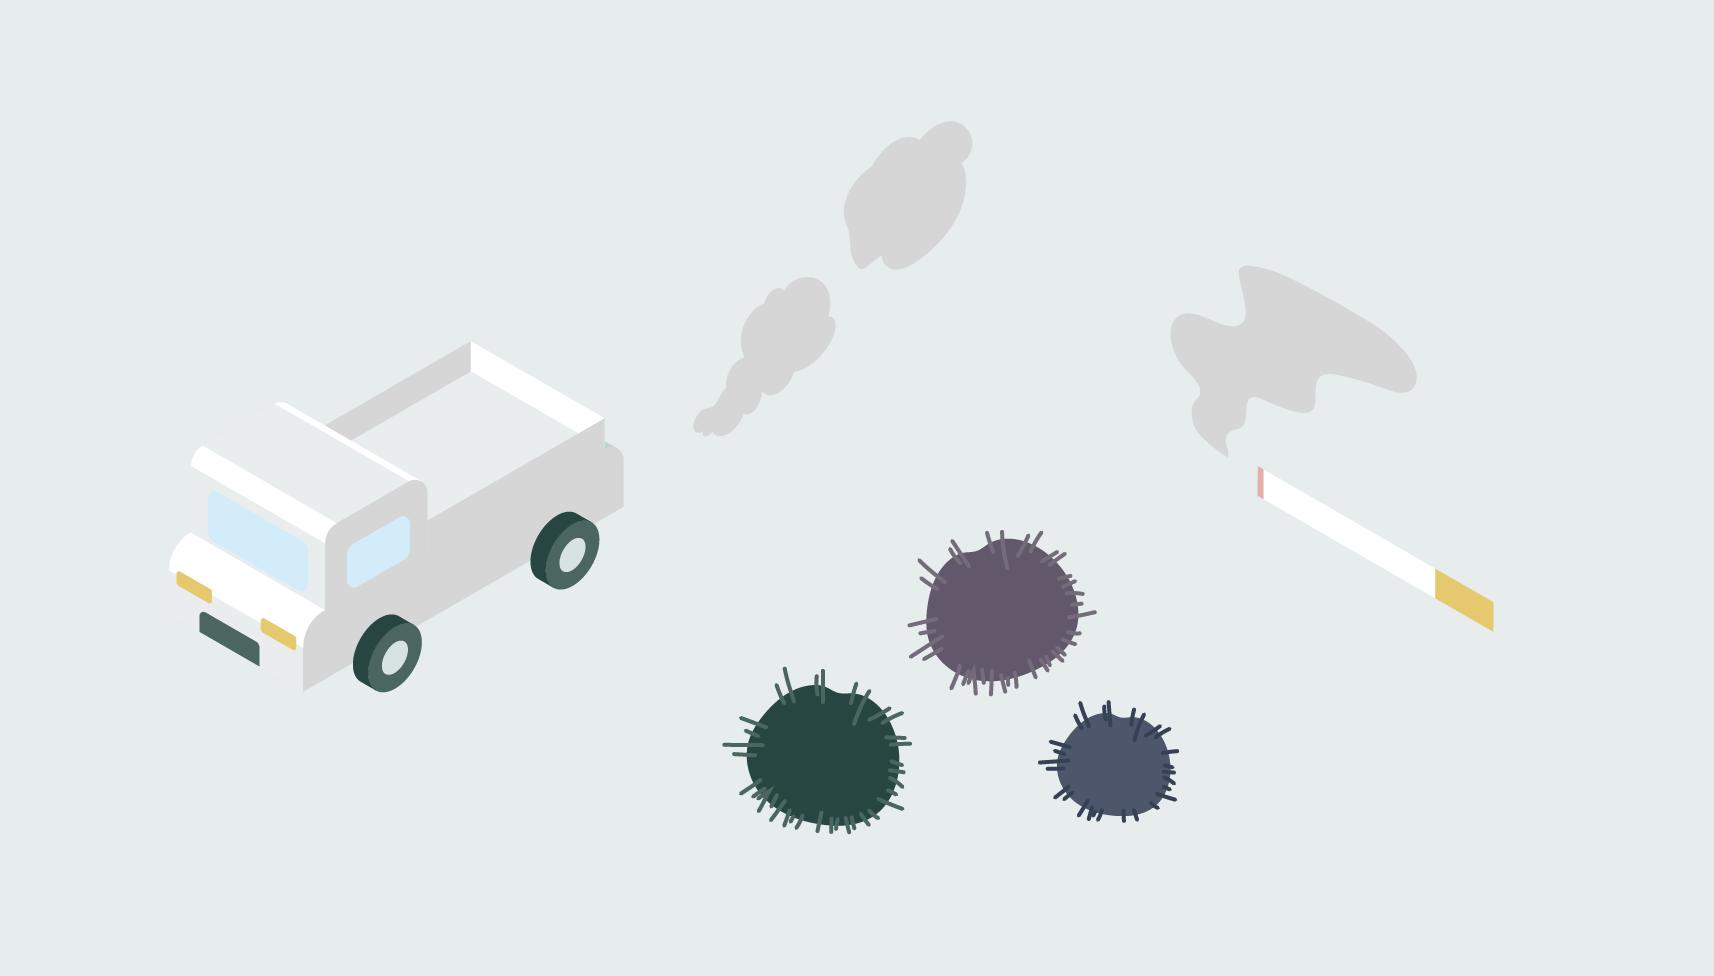 空気中に浮遊する有機物・無機質からなるガスや浮遊粉塵と、 細菌・真菌・酵母といった微生物